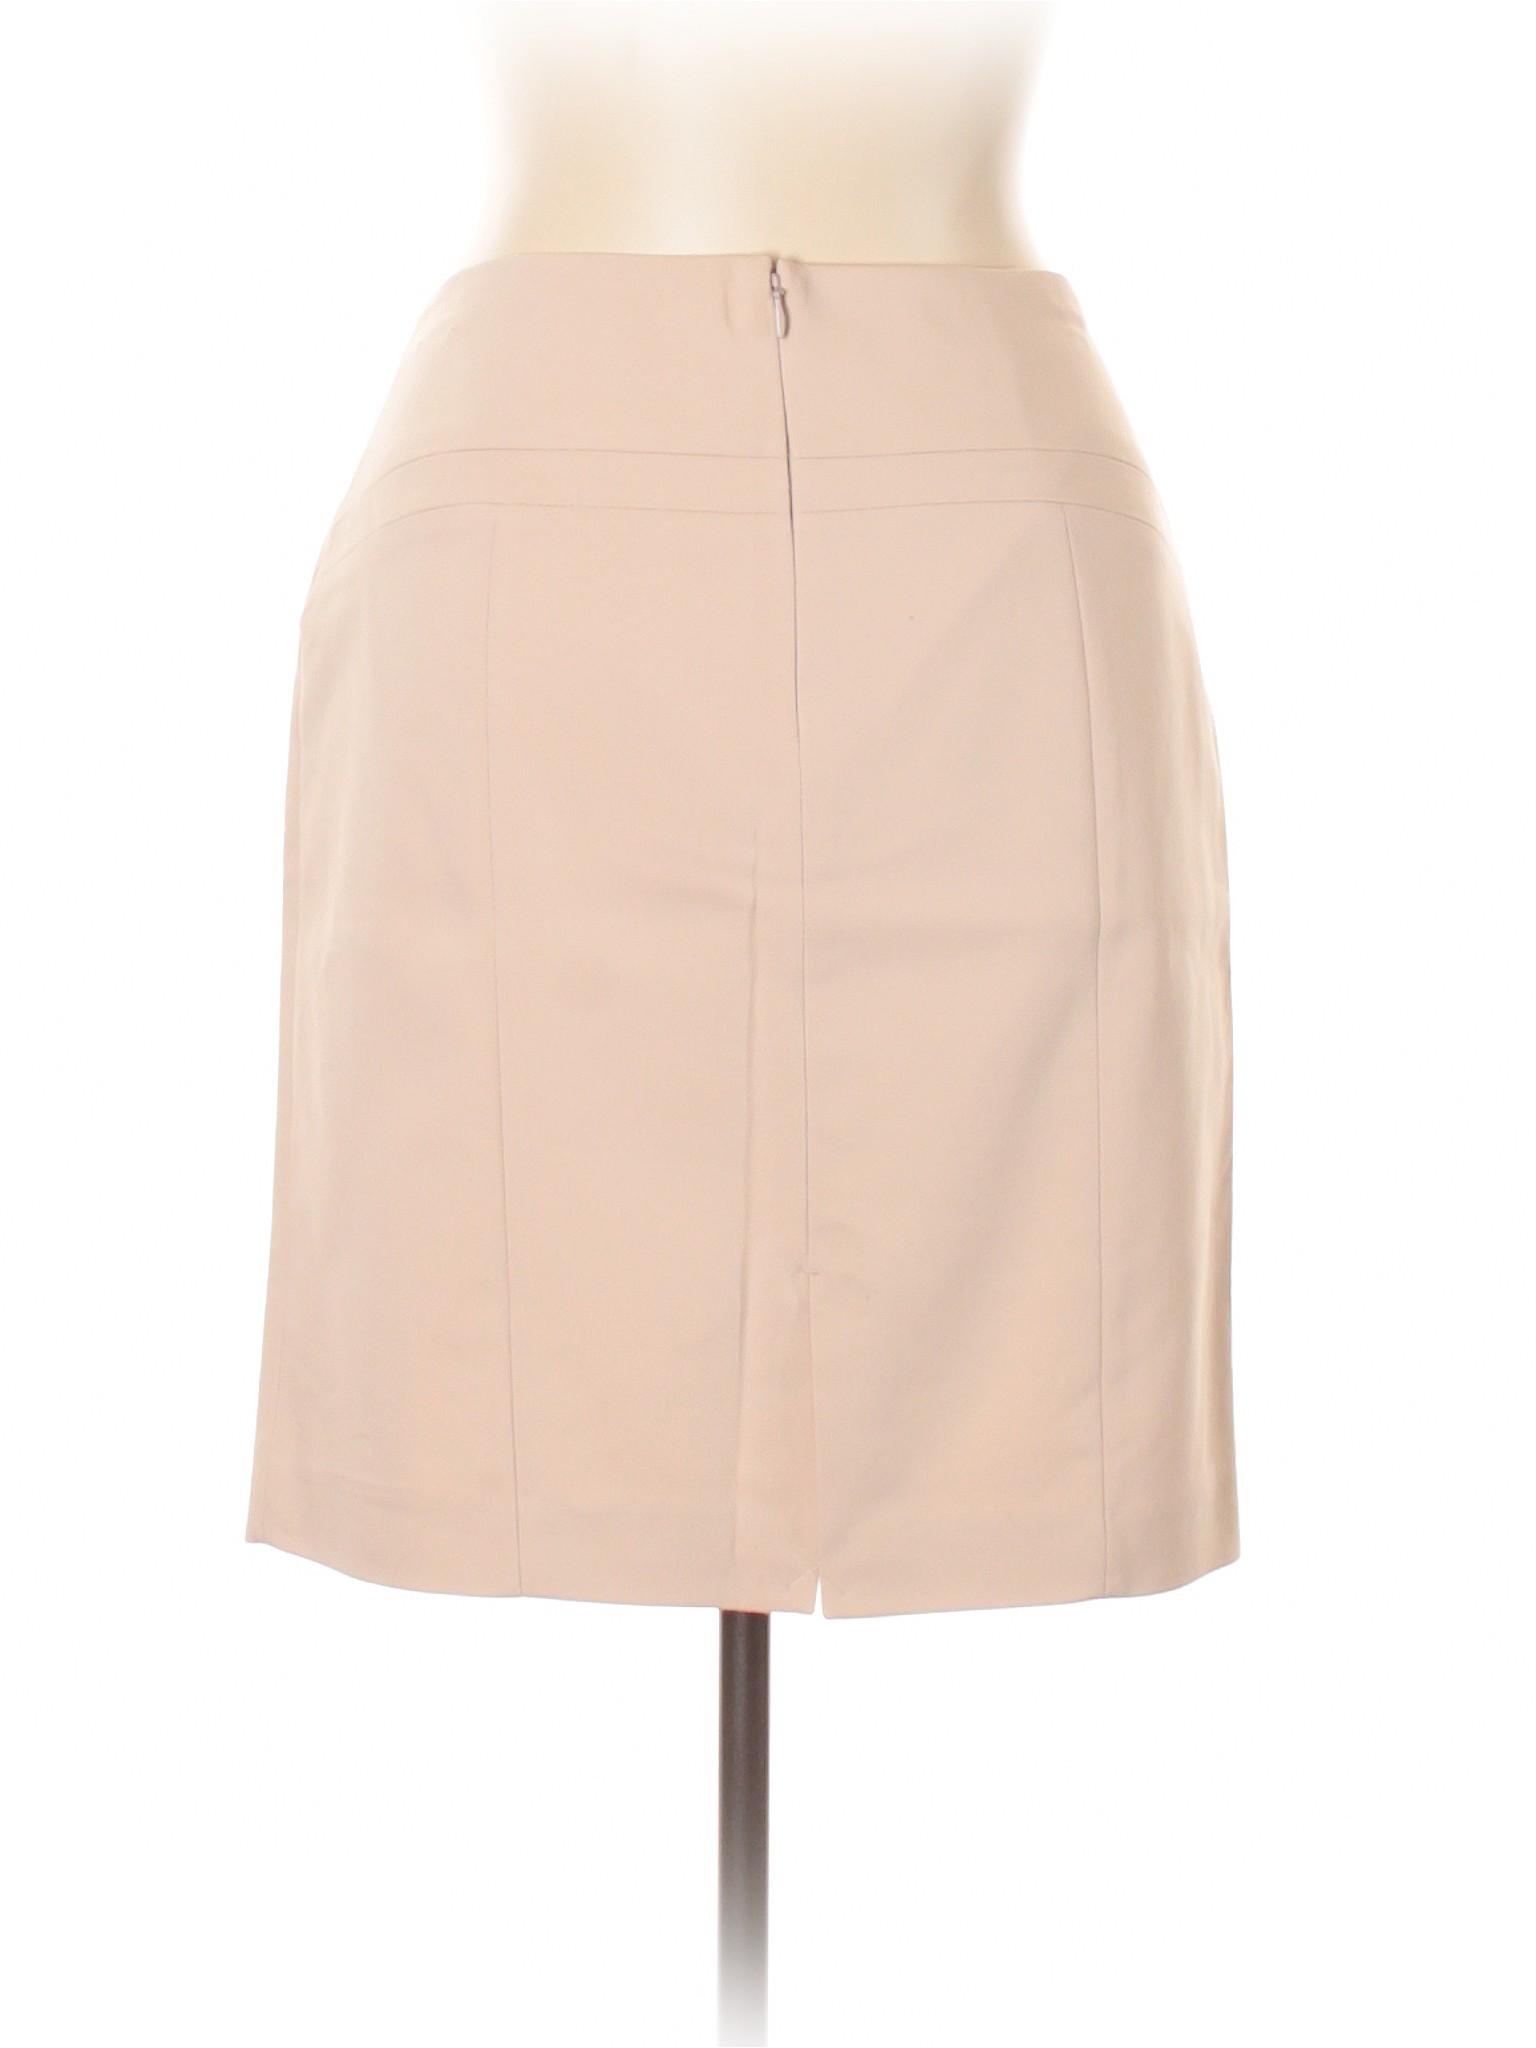 Skirt Boutique leisure Boutique Express leisure Casual CxwH4qZP